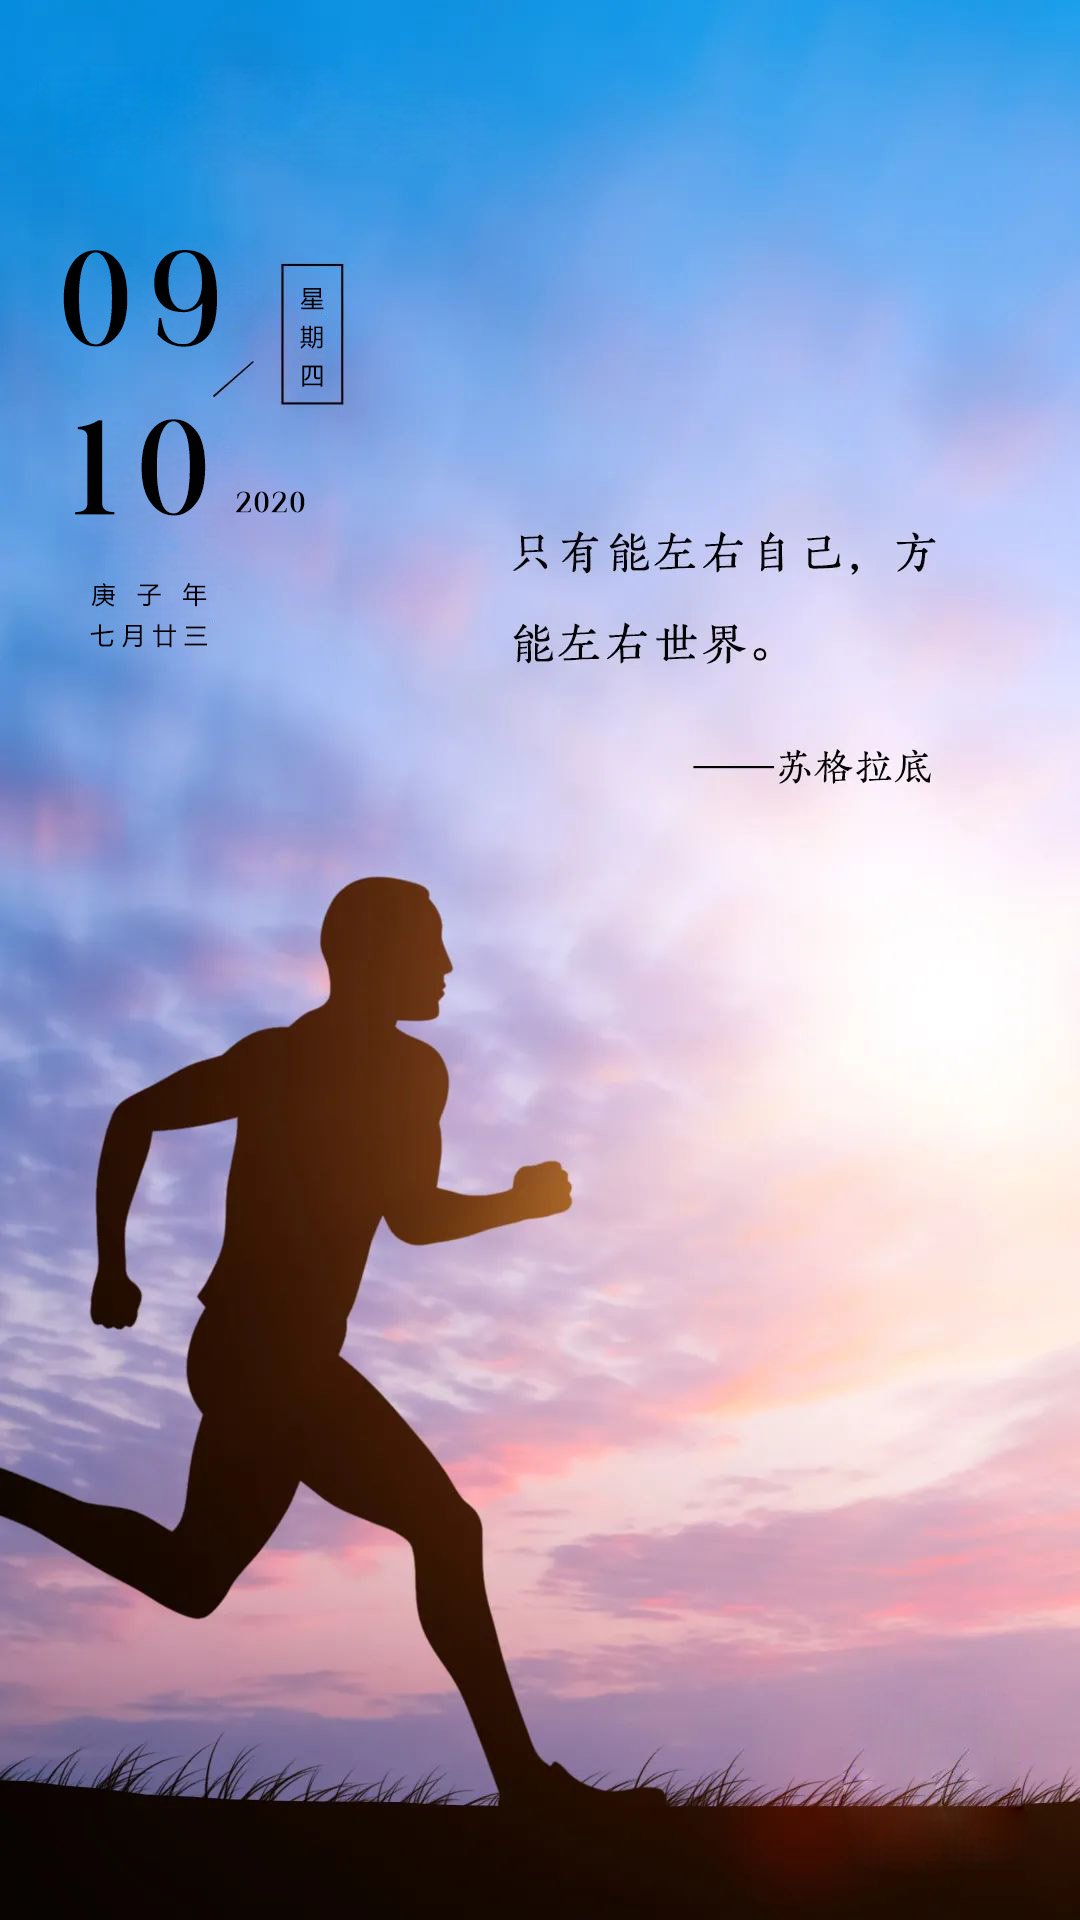 9.10早安日签图片正能量带文字:积极向上的生活,热气腾腾的活着